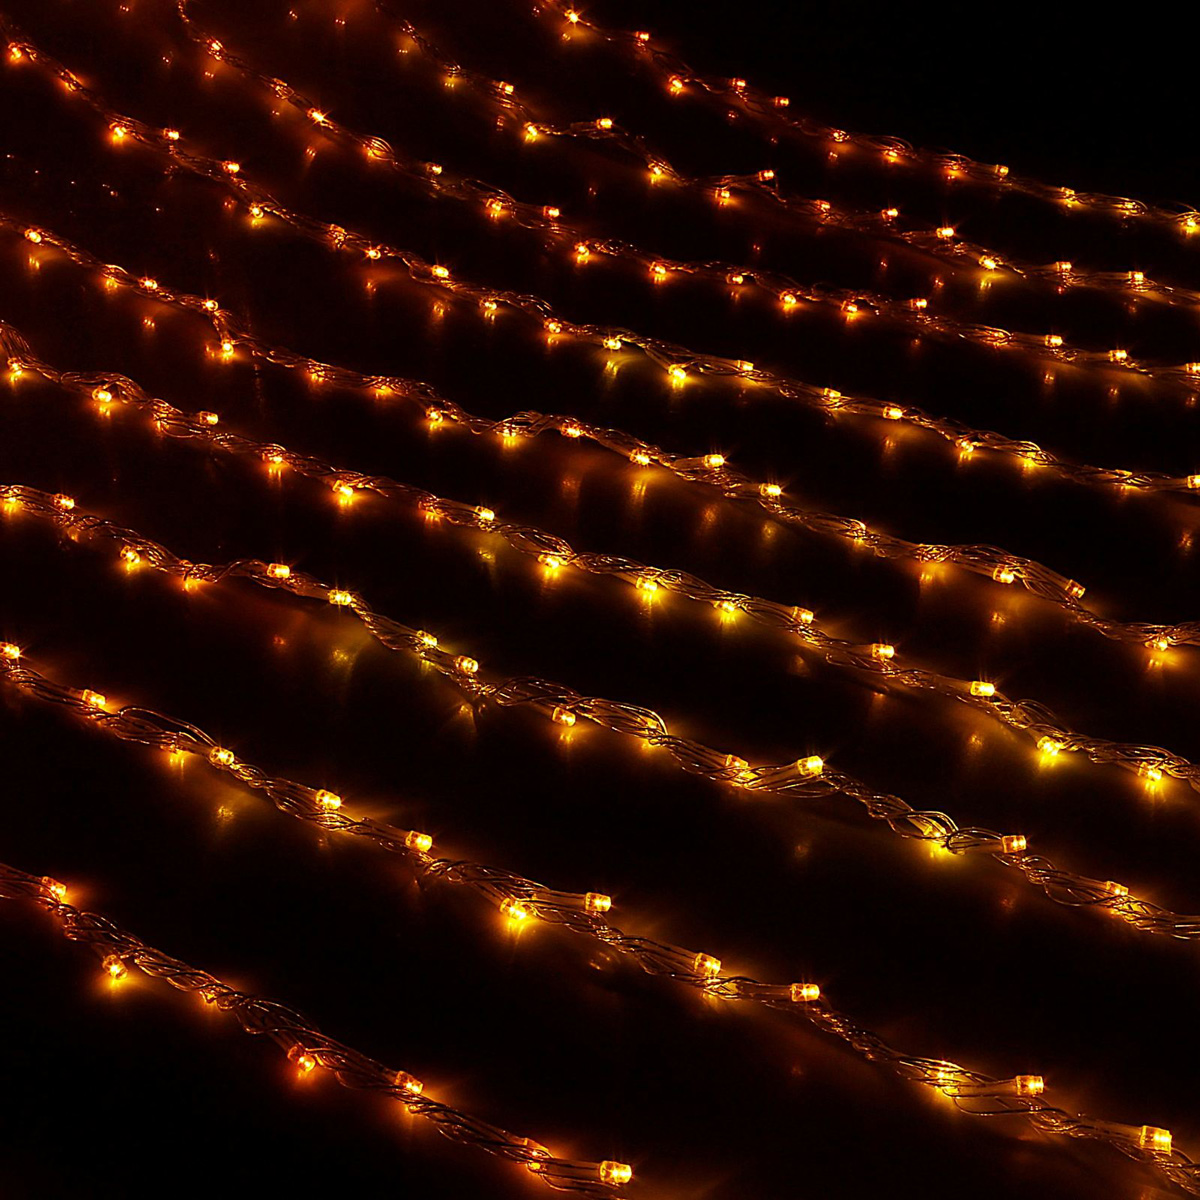 Гирлянда светодиодная Luazon Дождь, уличная, 8 режимов, 400 ламп, 220 V, цвет: желтый, 2 х 1,5 м. 187291187291Гирлянда светодиодная Дождь - это отличный вариант для новогоднего оформления интерьера или фасада. С ее помощью помещение любого размера можно превратить в праздничный зал, а внешние элементы зданий, украшенные гирляндой, мгновенно станут напоминать очертания сказочного дворца. Такое украшение создаст ауру предвкушения чуда. Деревья, фасады, витрины, окна и арки будто специально созданы, чтобы вы украсили их светящимися нитями.